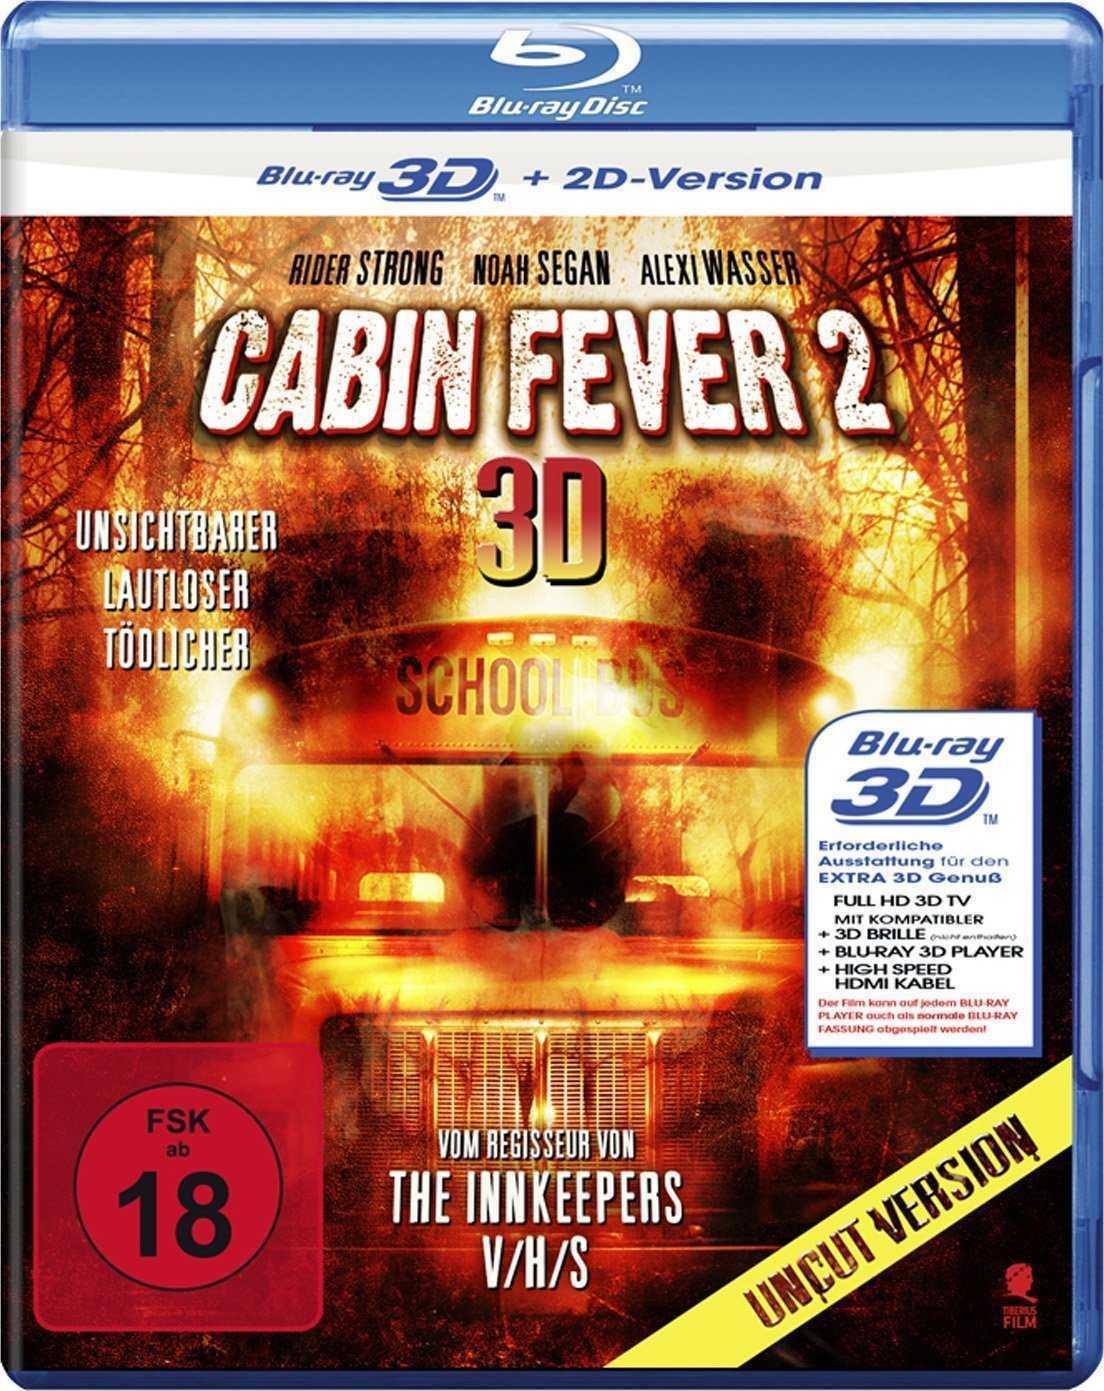 Cabin Fever 2 (2009) ISO BDRA 3D 2D BluRay DD ITA DTS-HD ENG - DDN